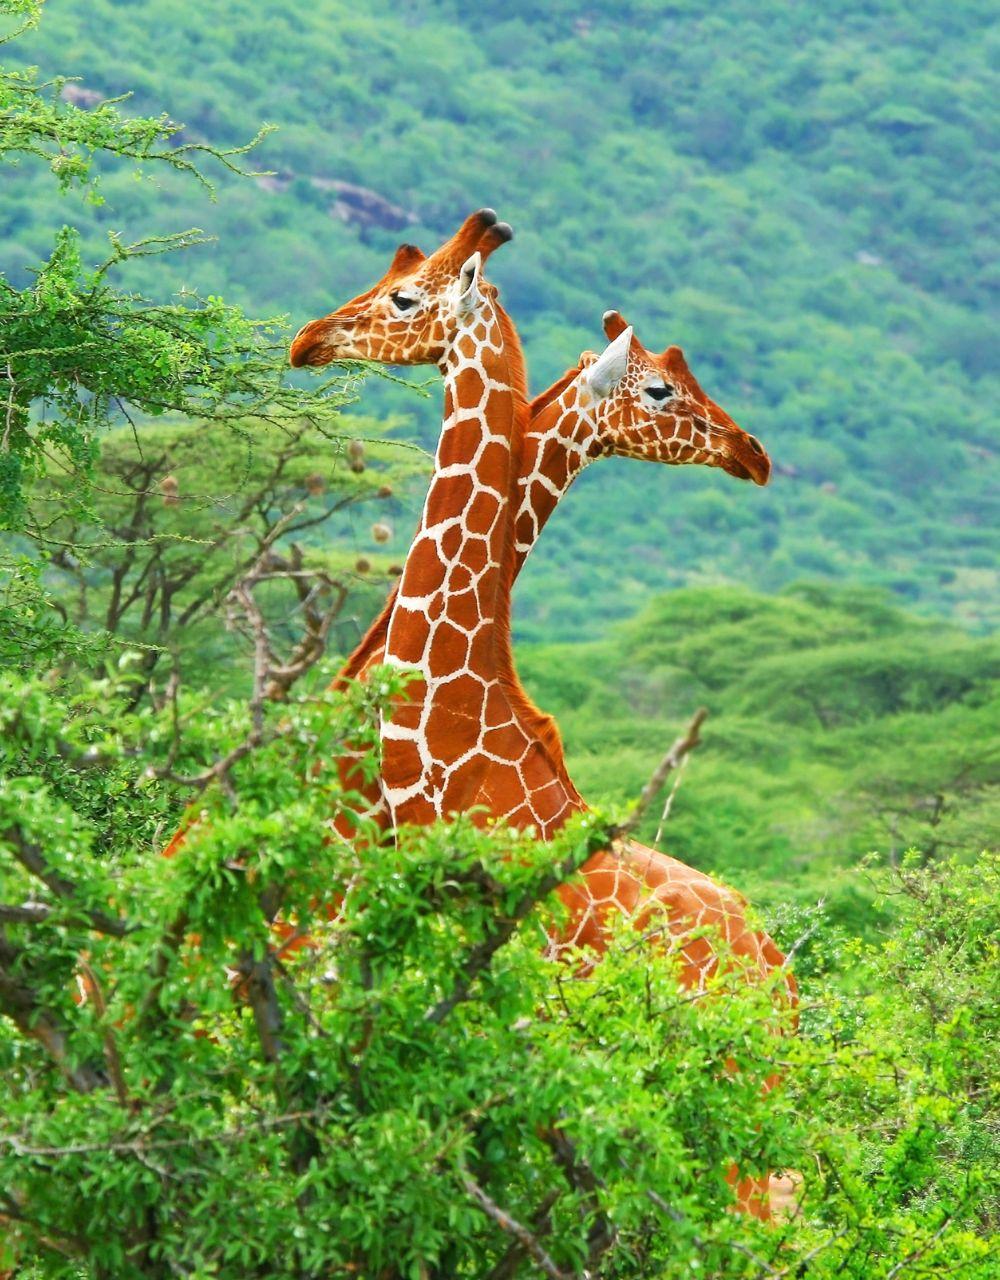 Giraffe #africa #travel #safari